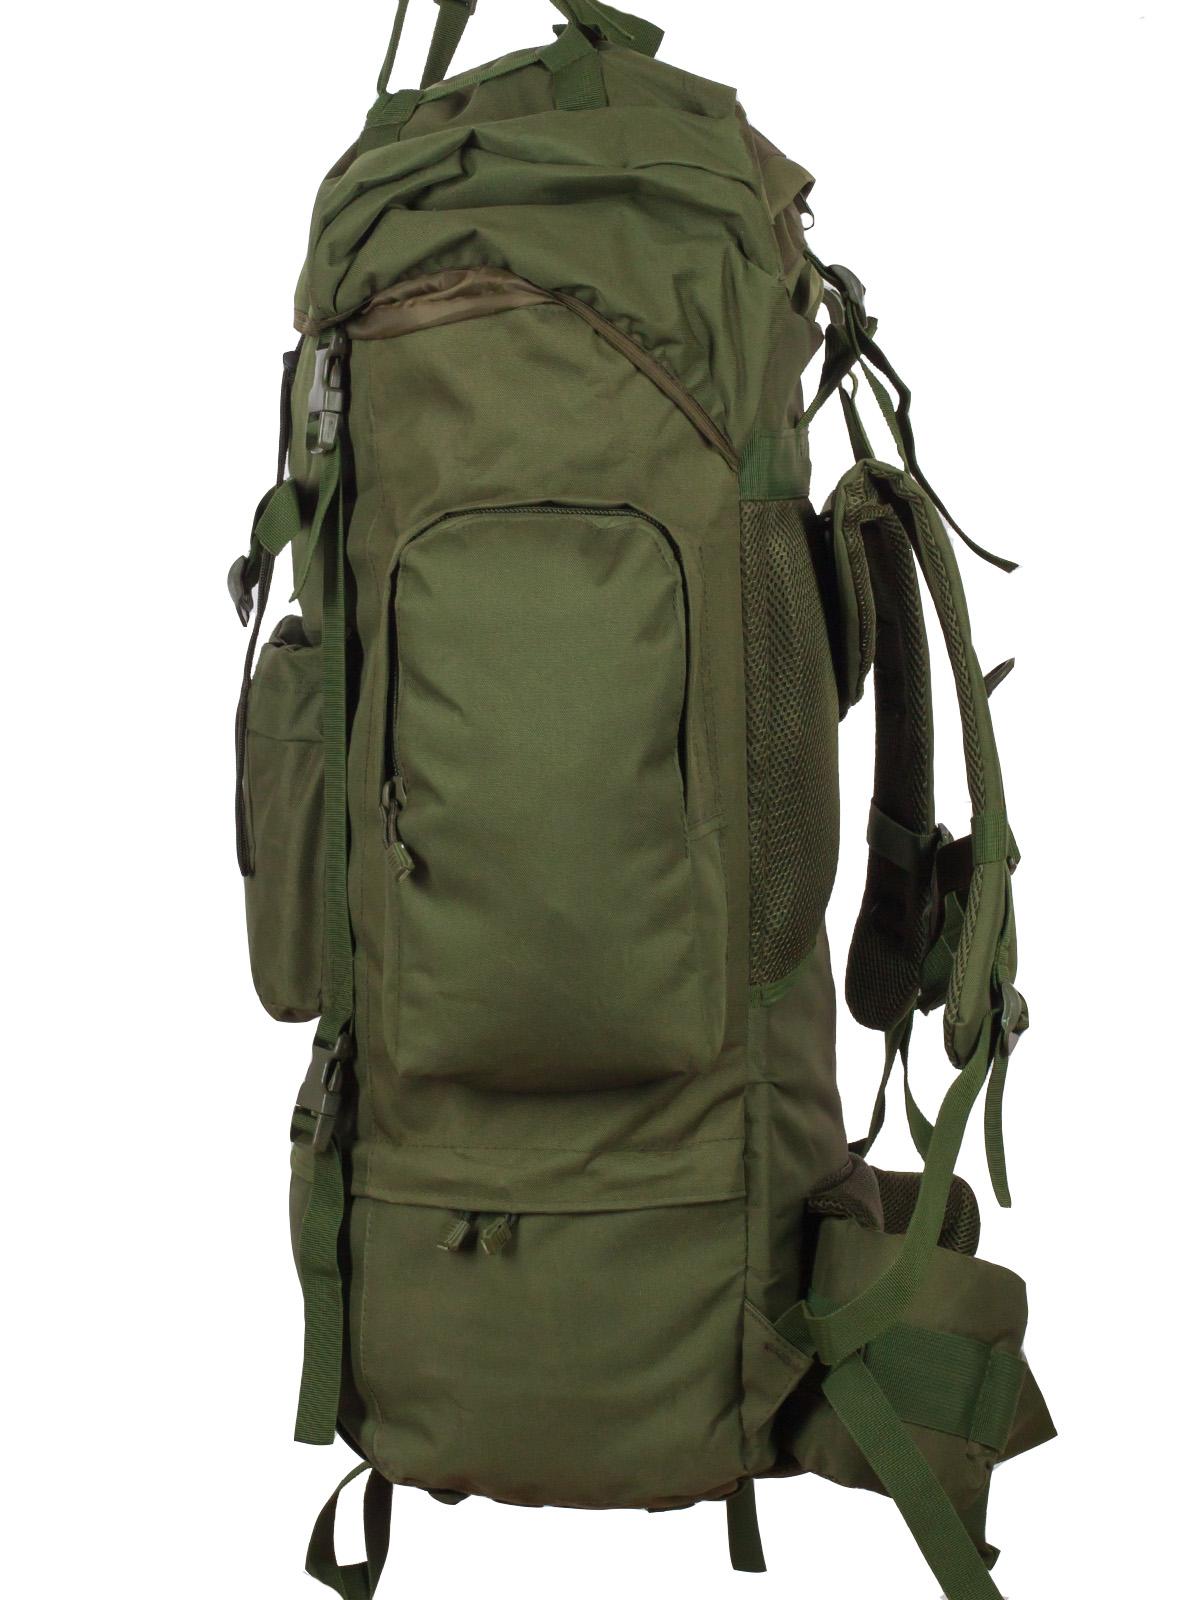 Многодневный удобный рюкзак с нашивкой Потомственный Казак -заказать выгодно